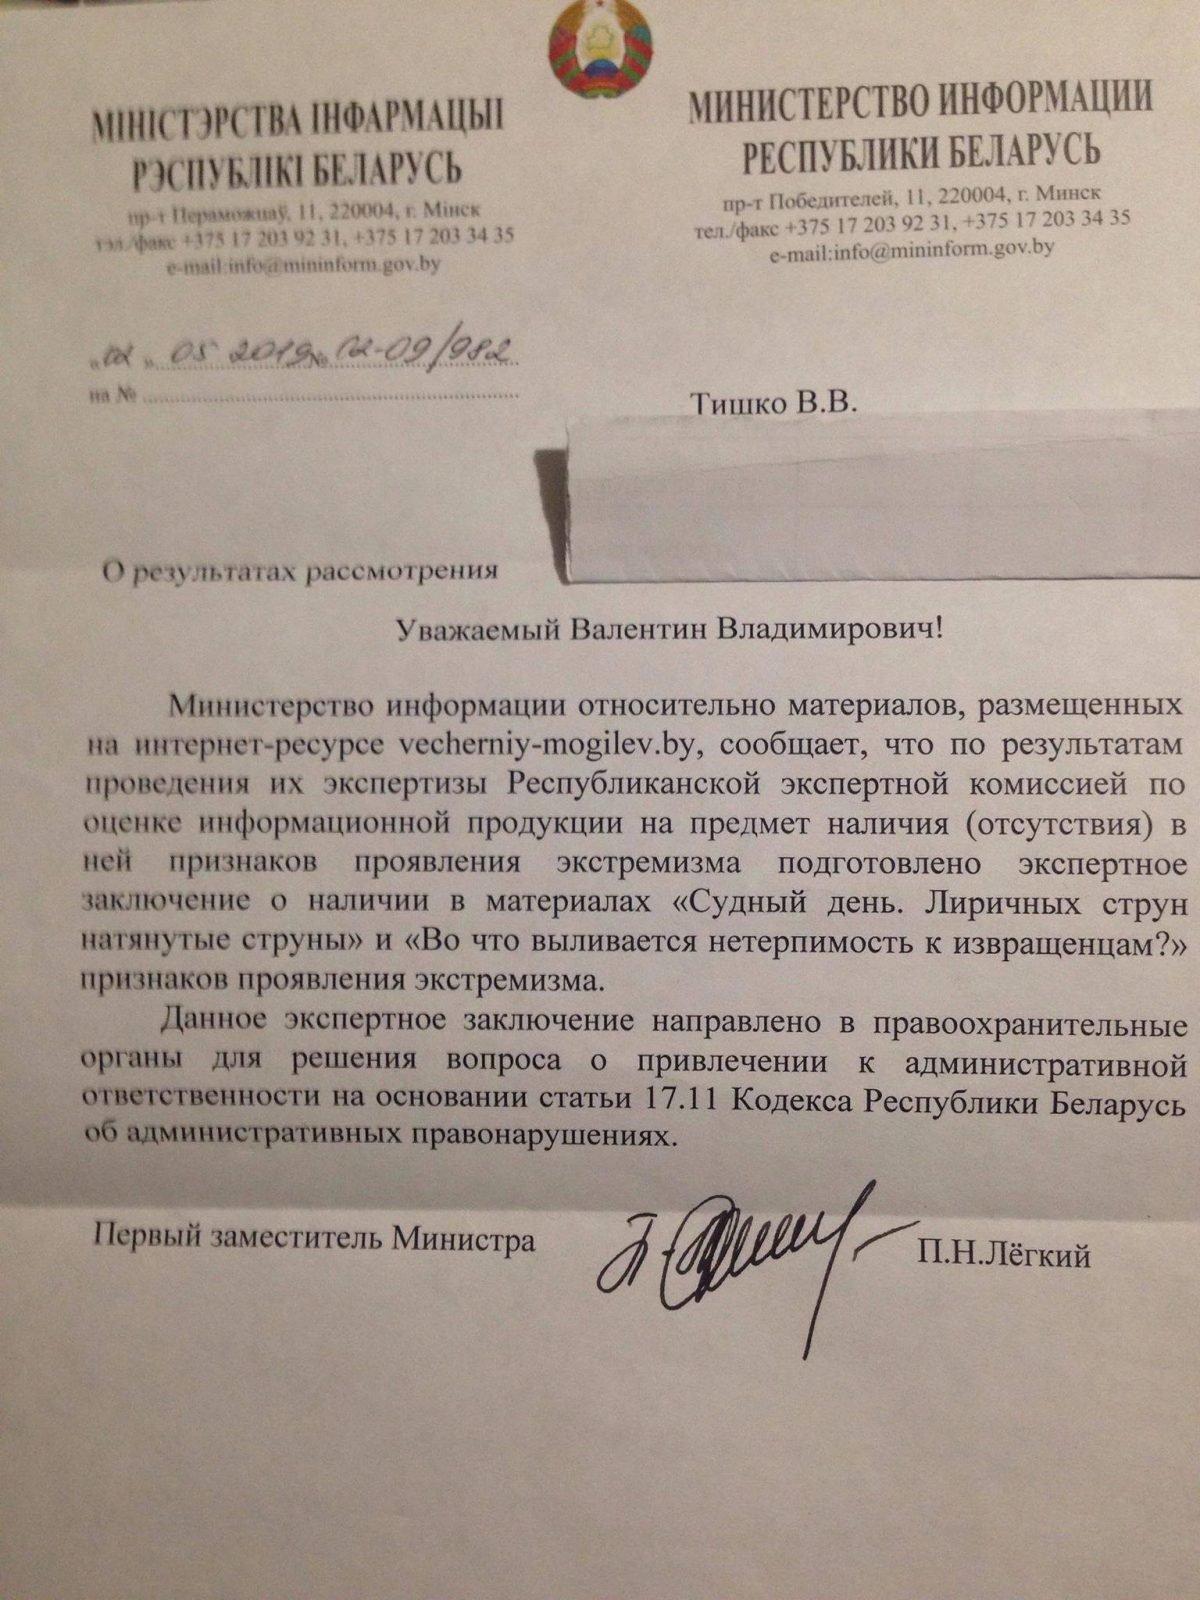 Гомофобной газете «Вечерний Могилёв» грозит суд за экстремизм